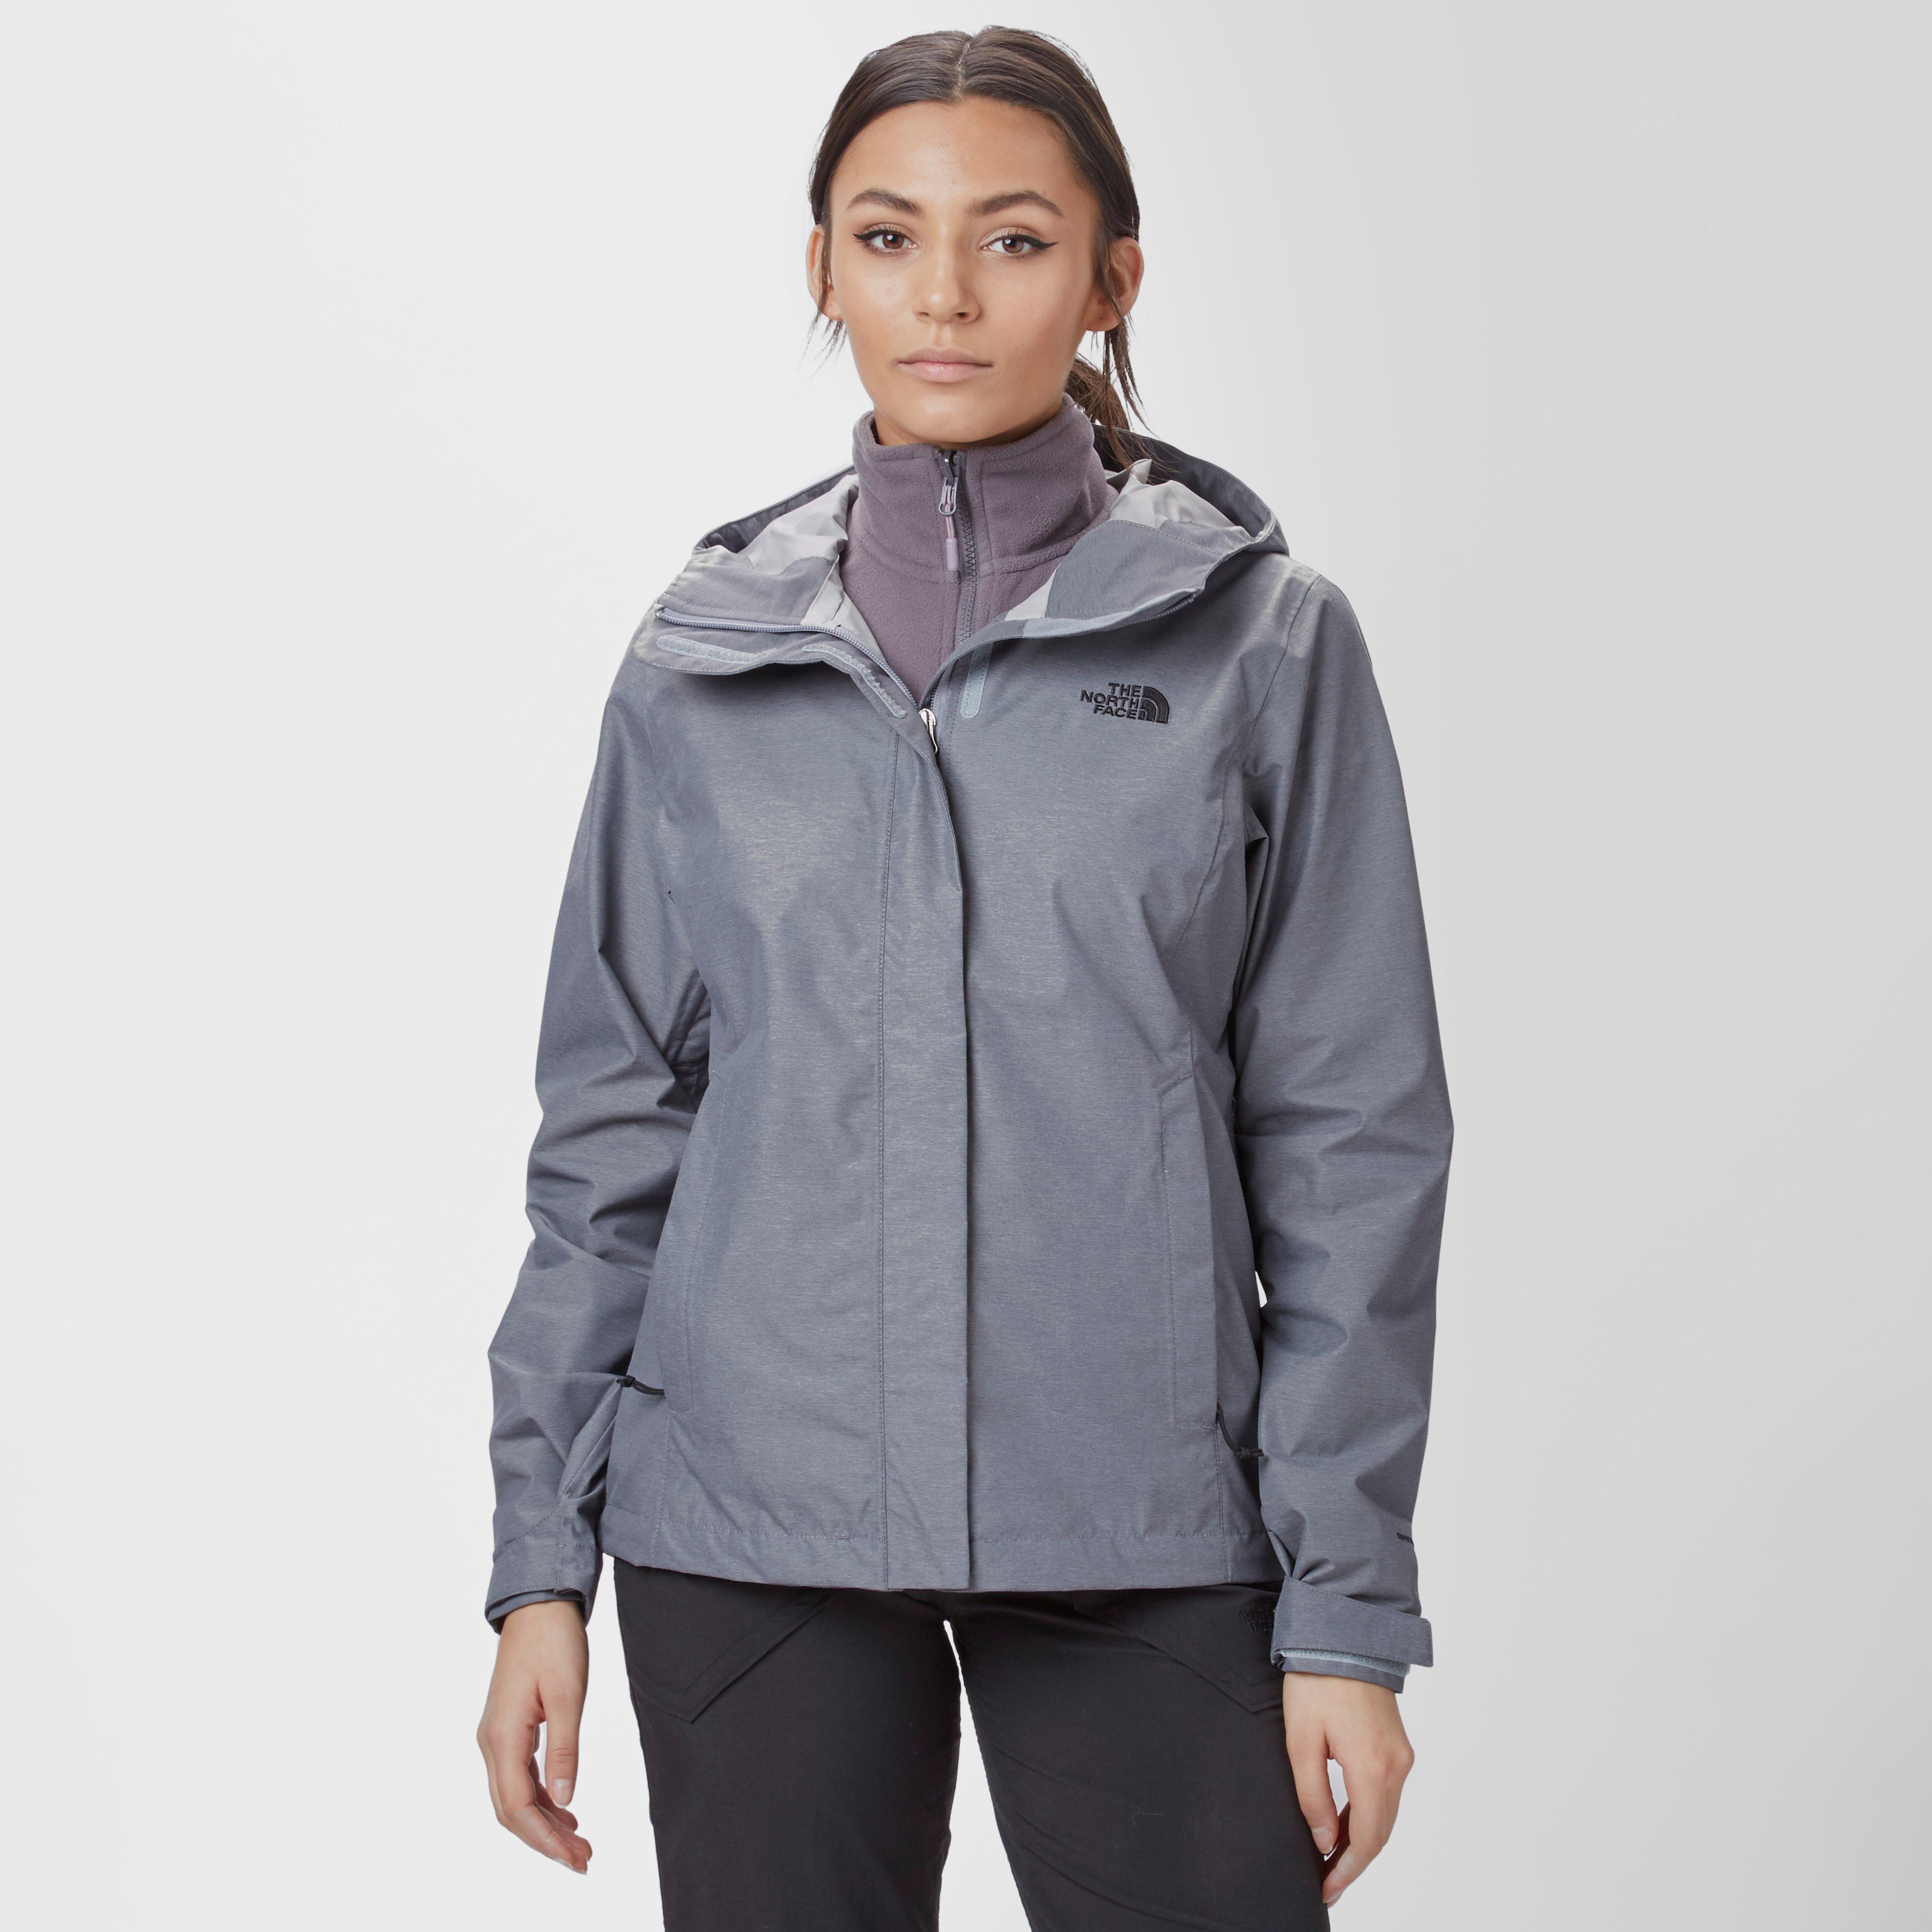 2e111d86d Women's Venture 2 DryVent® Jacket